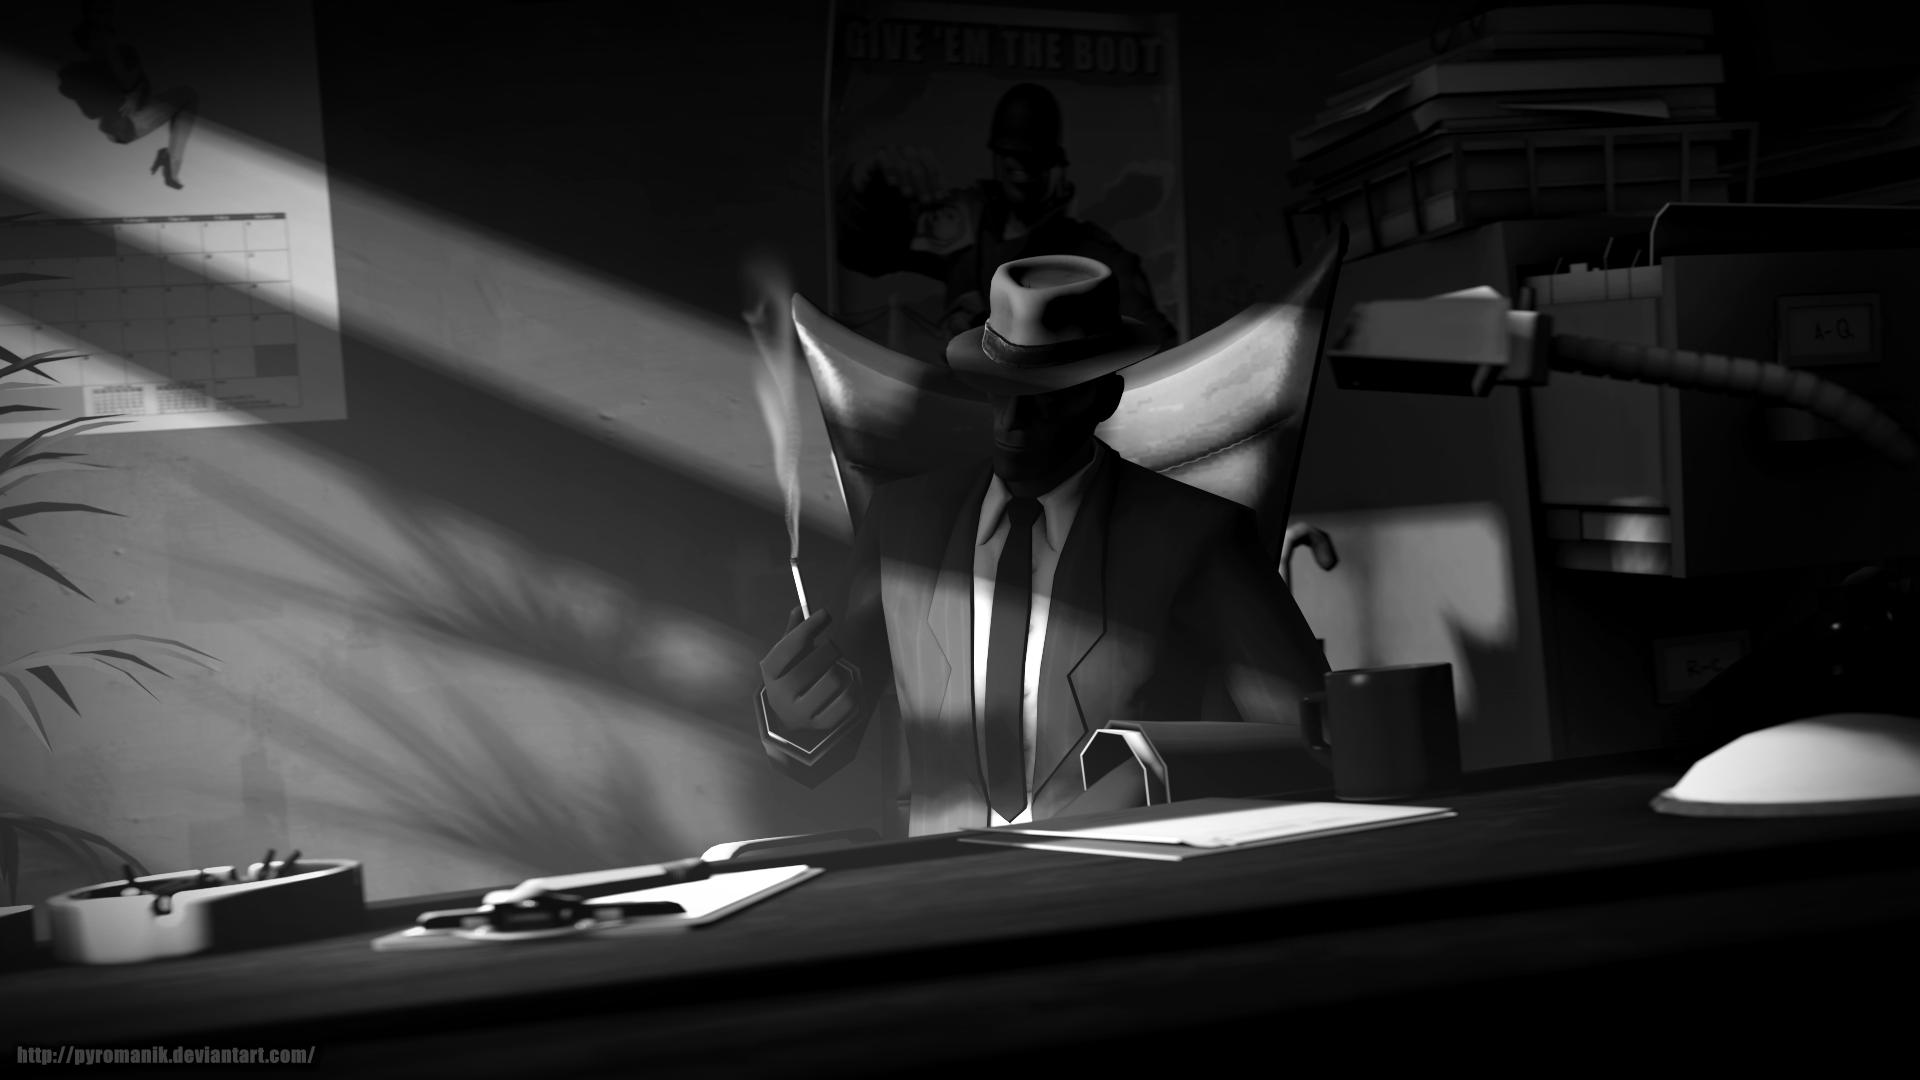 Detective Noir by Pyromanik